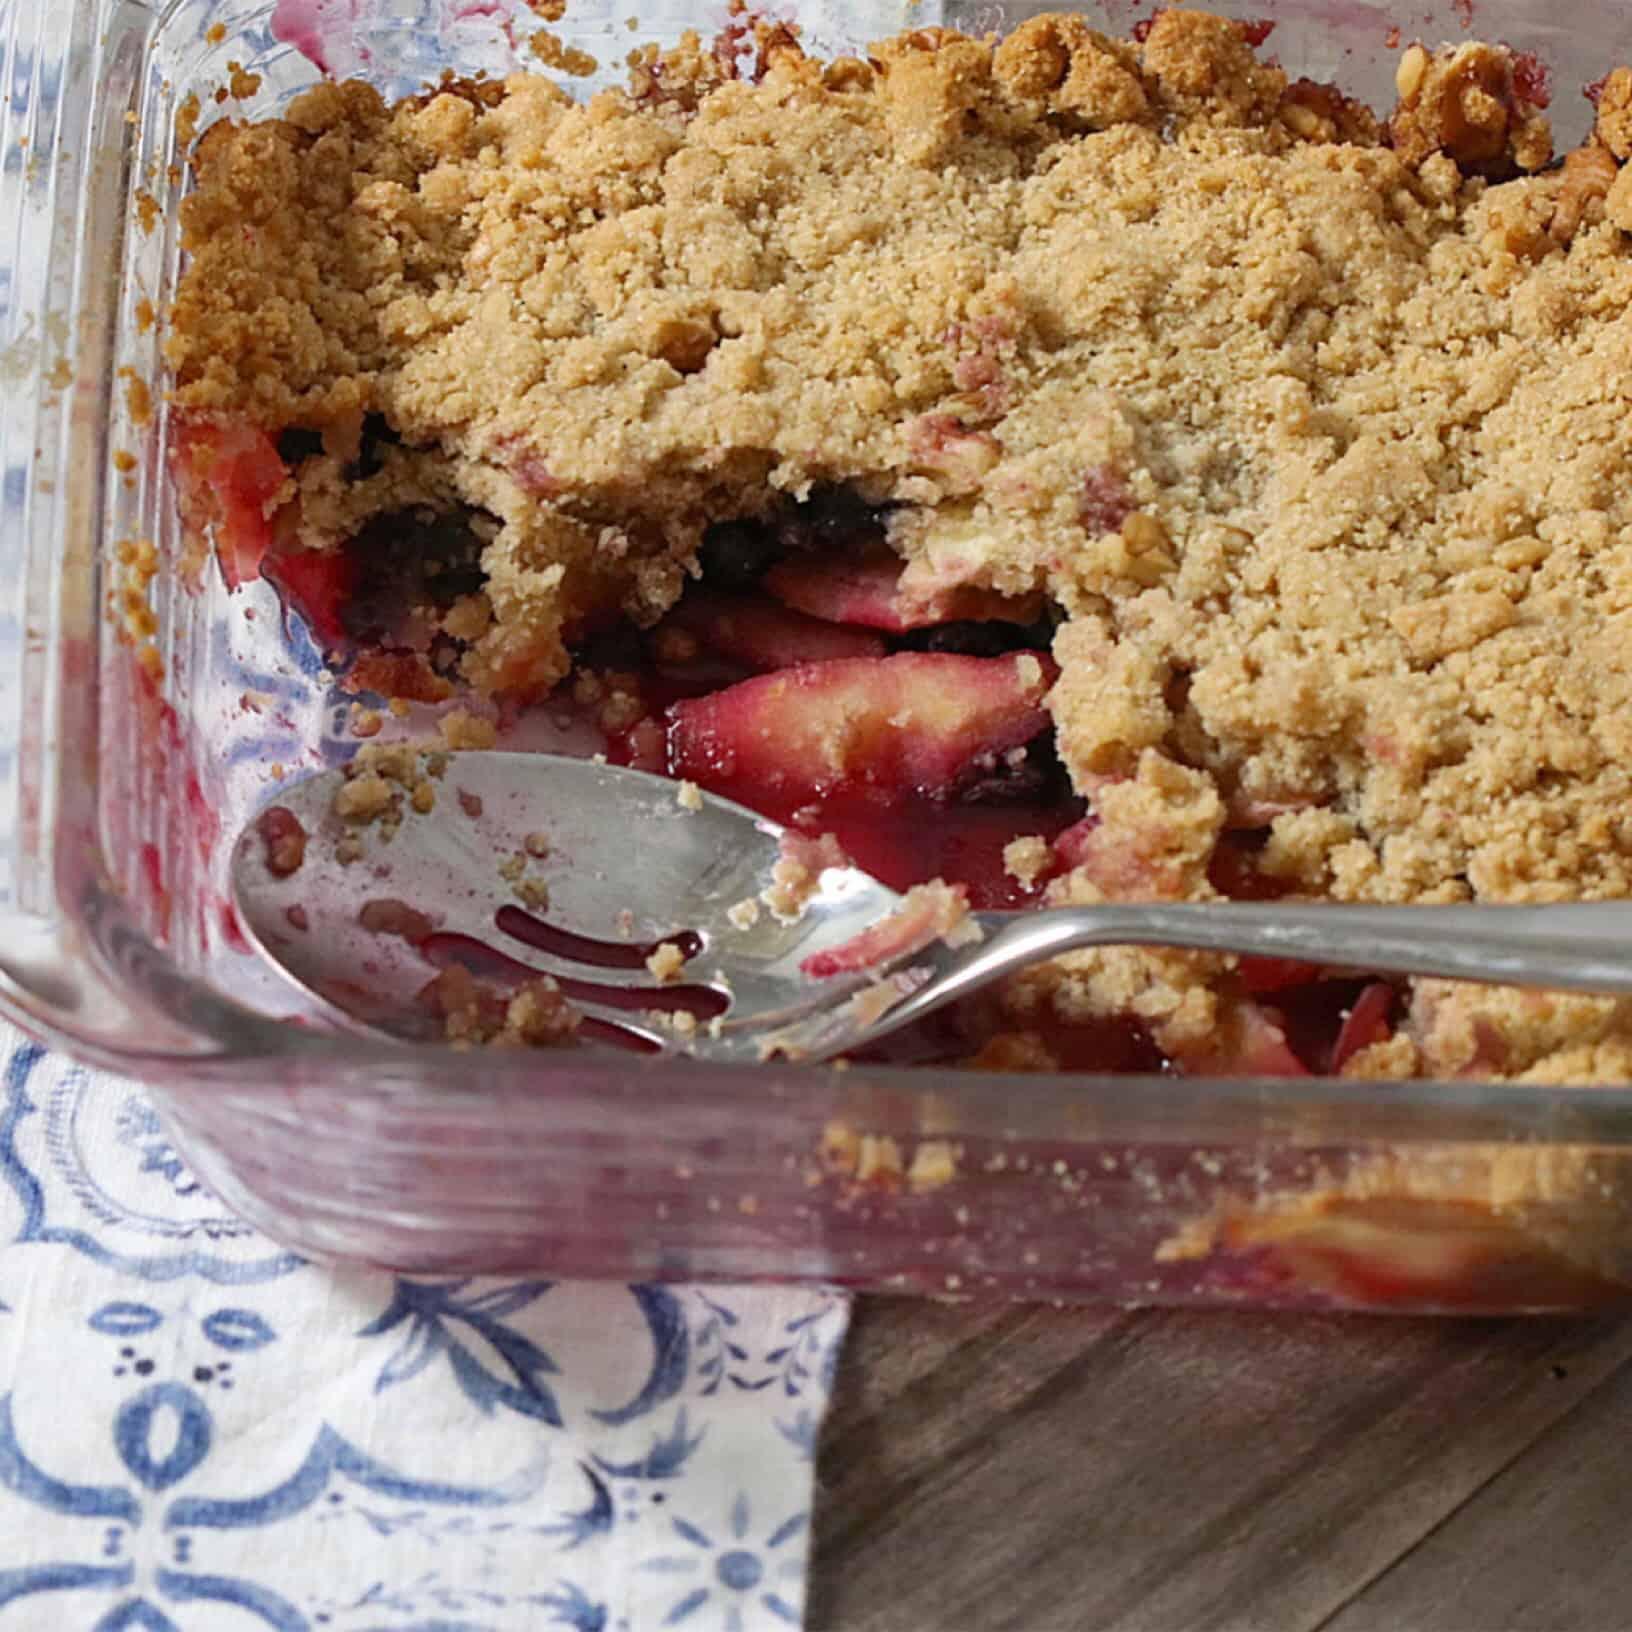 Vegan + Grain-Free Apple Berry Crumble